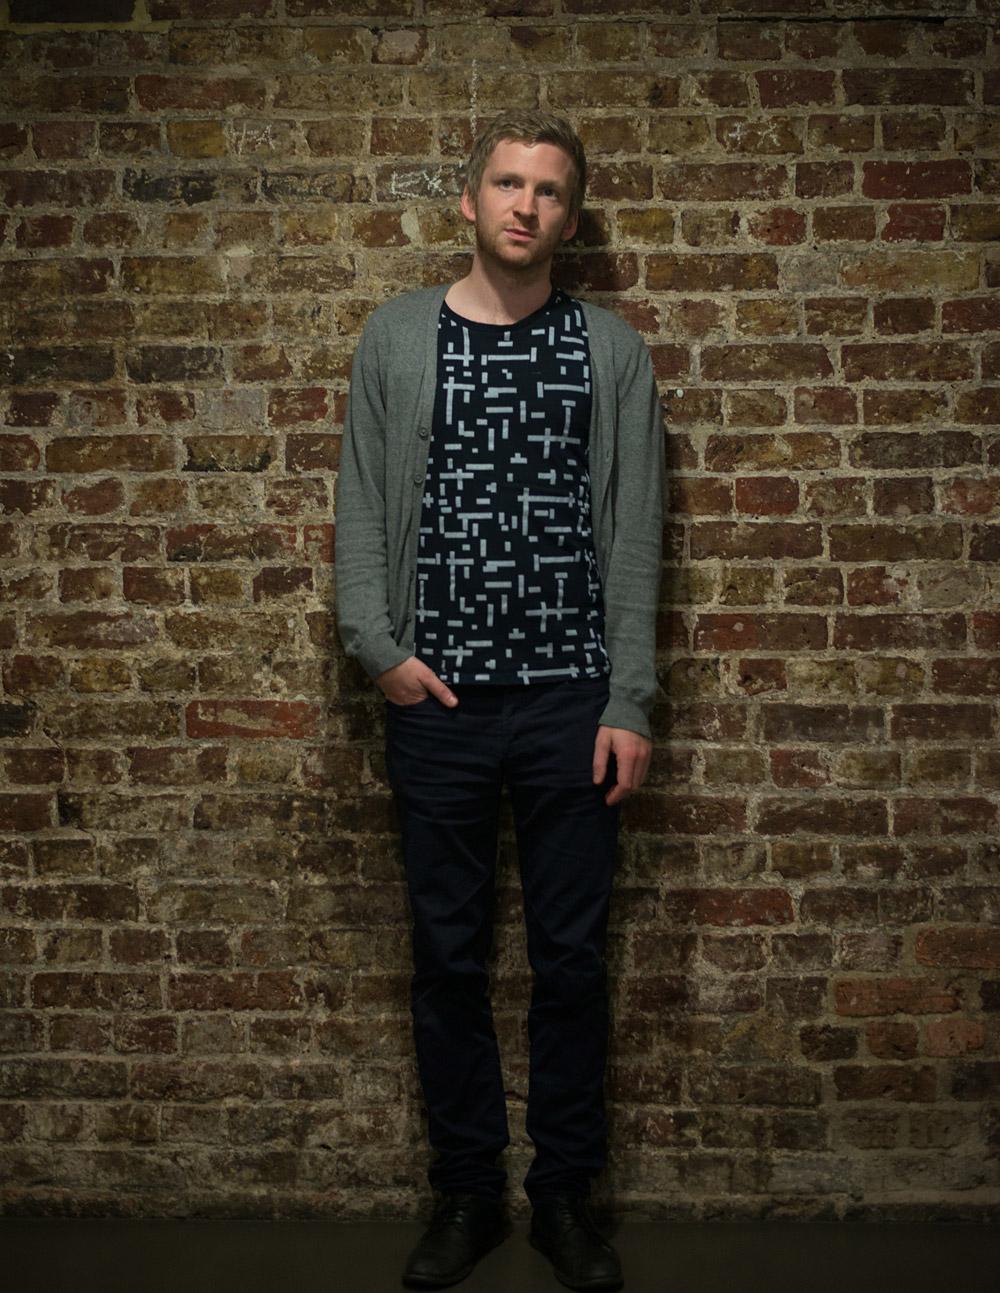 Ólafur Arnalds @ Roundhouse, London 15/08/14